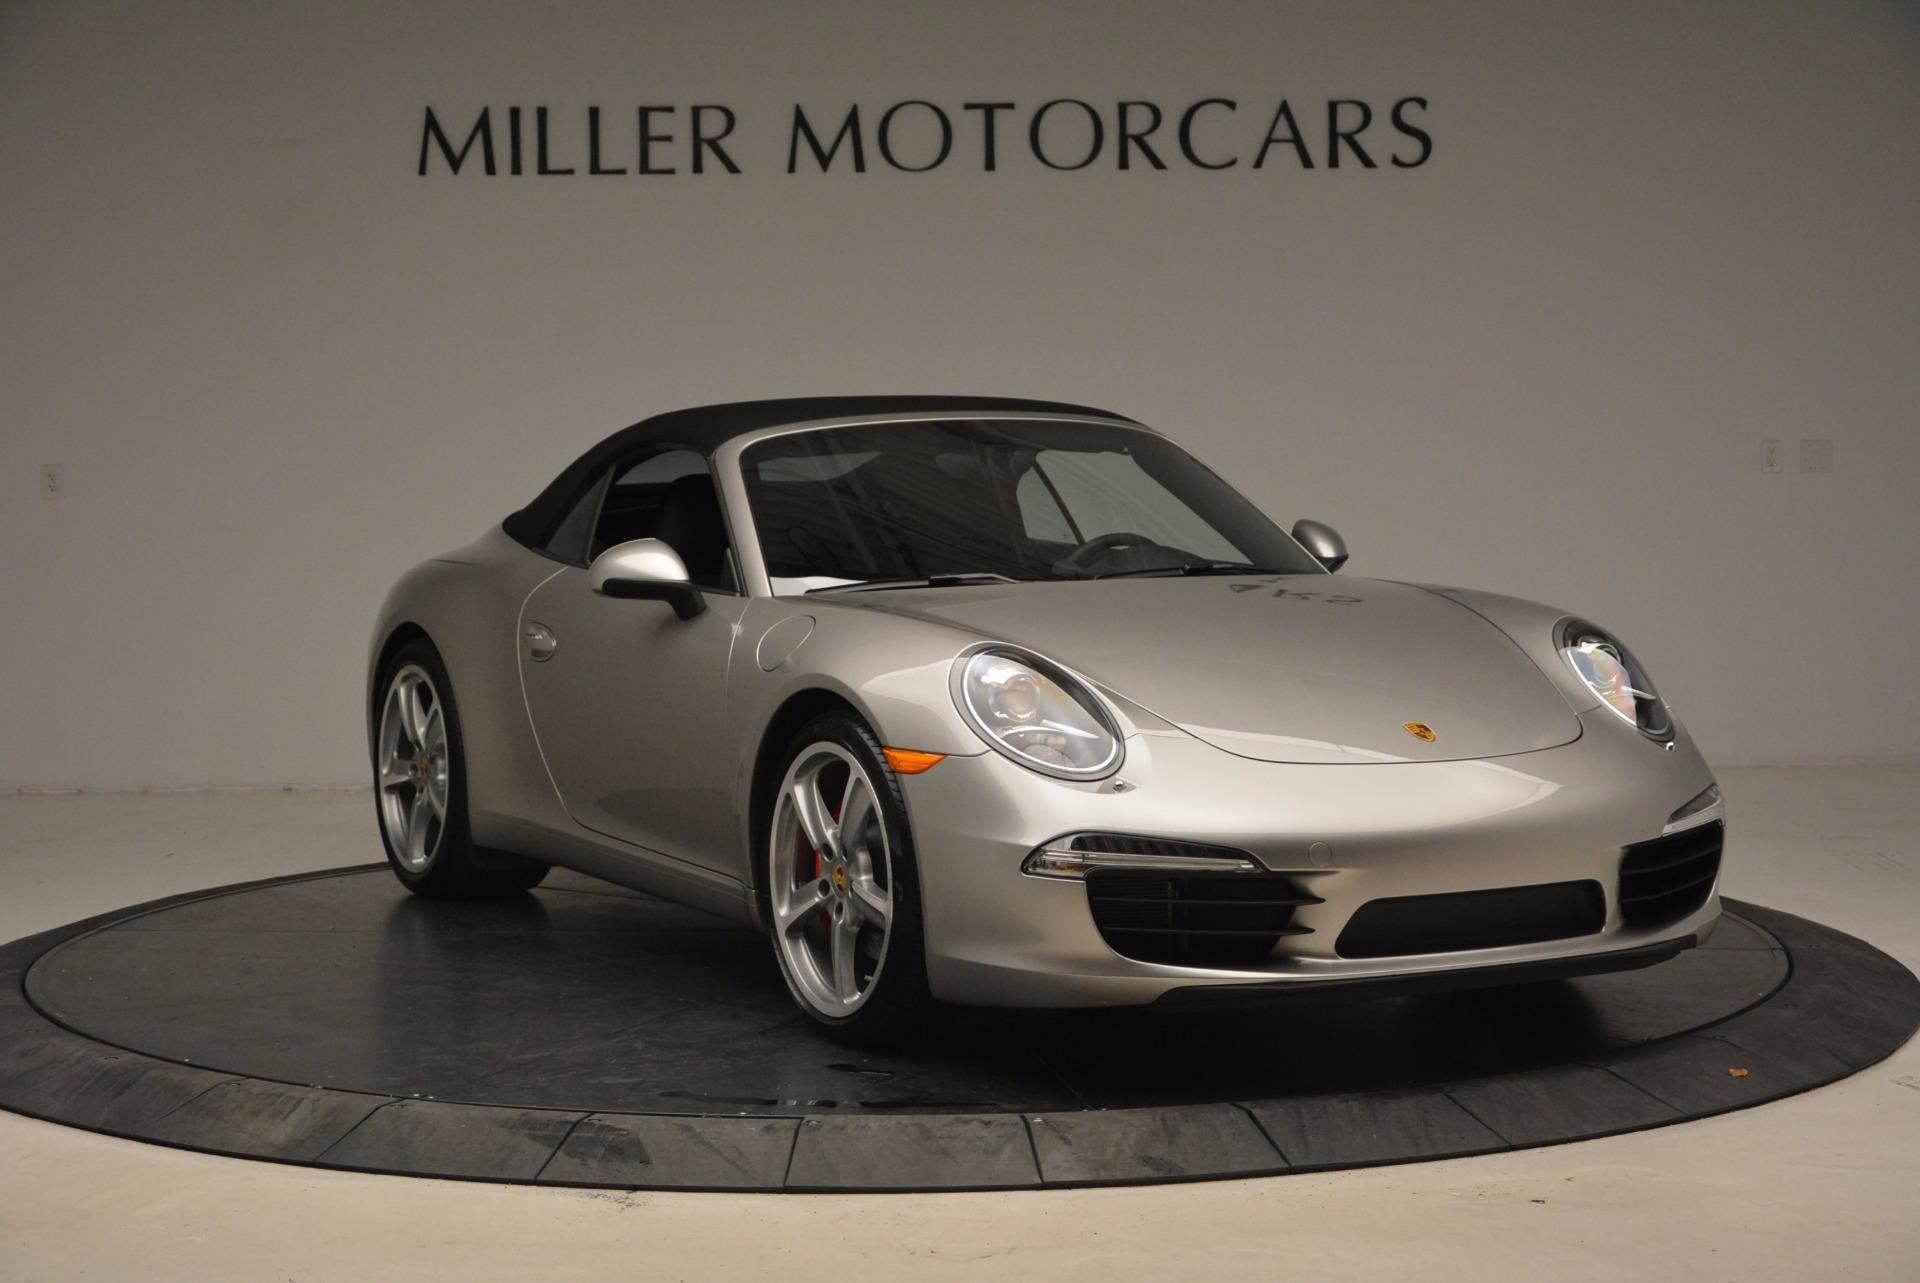 Used 2012 Porsche 911 Carrera S For Sale In Greenwich, CT 1790_p6